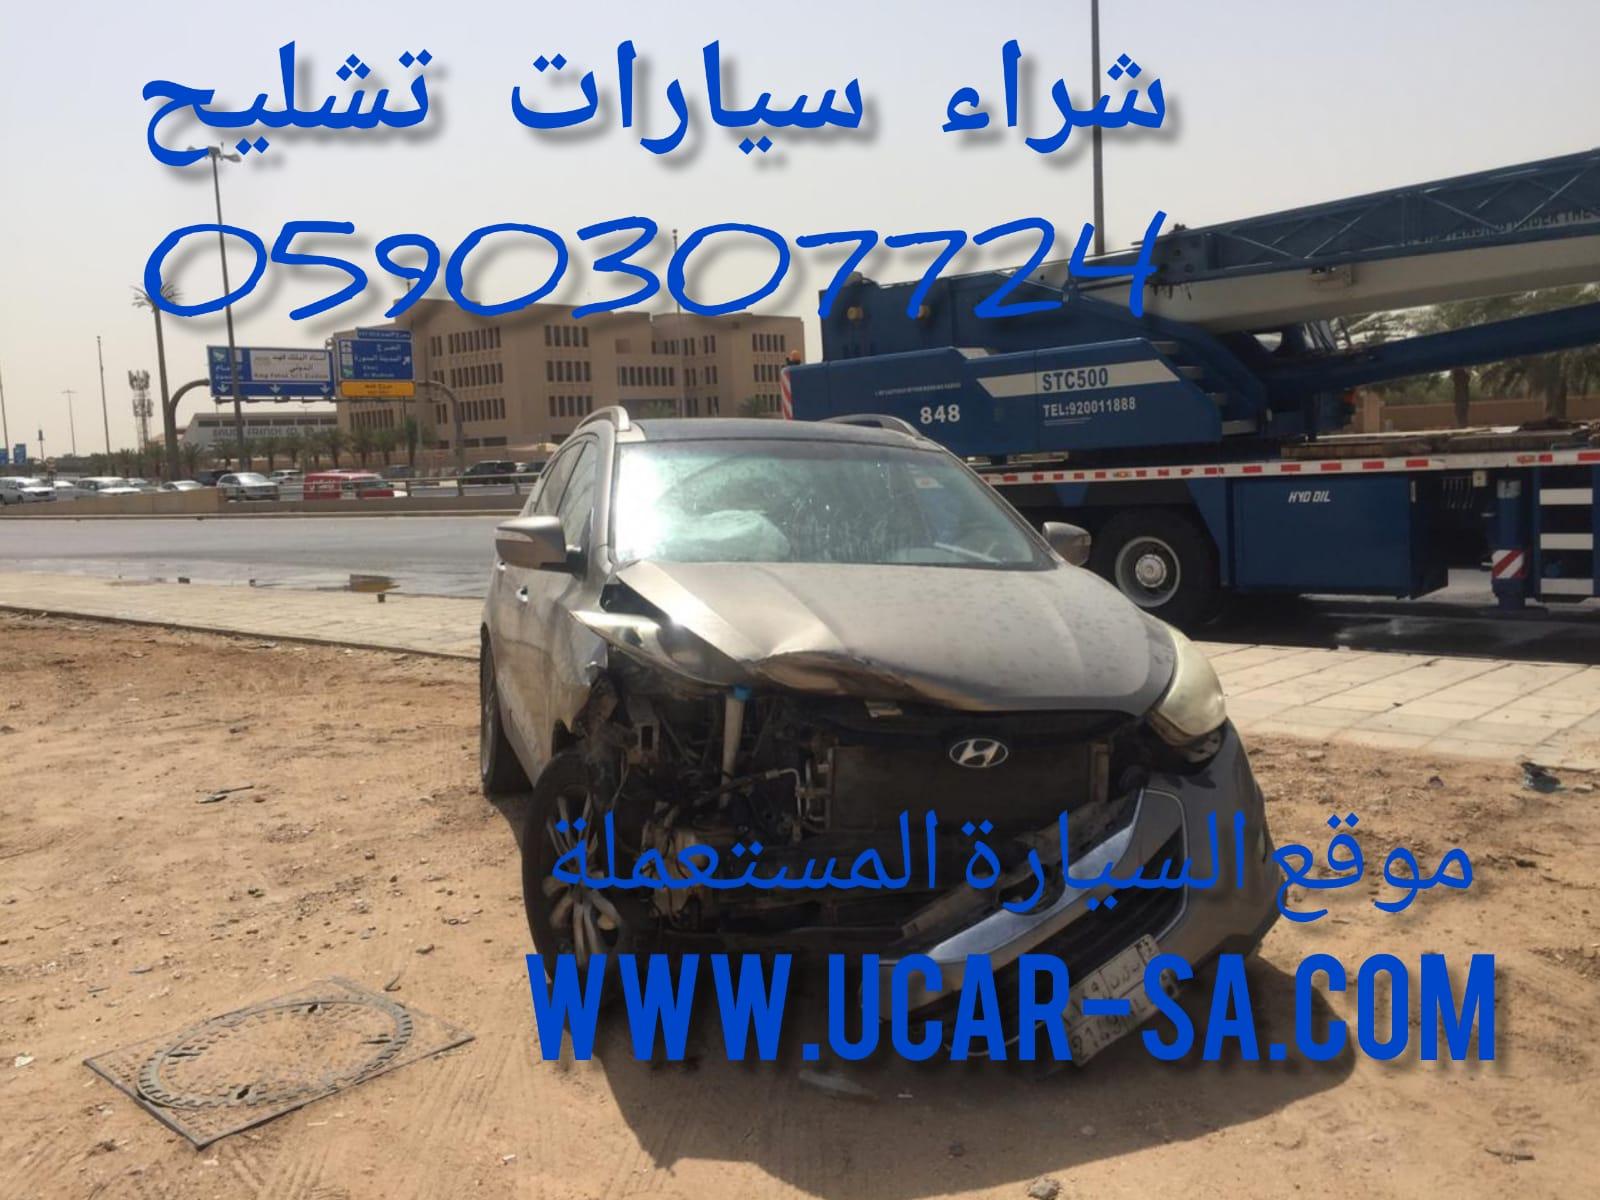 شراء سيارات تشليح والمتعطلة والسكراب 0590307724